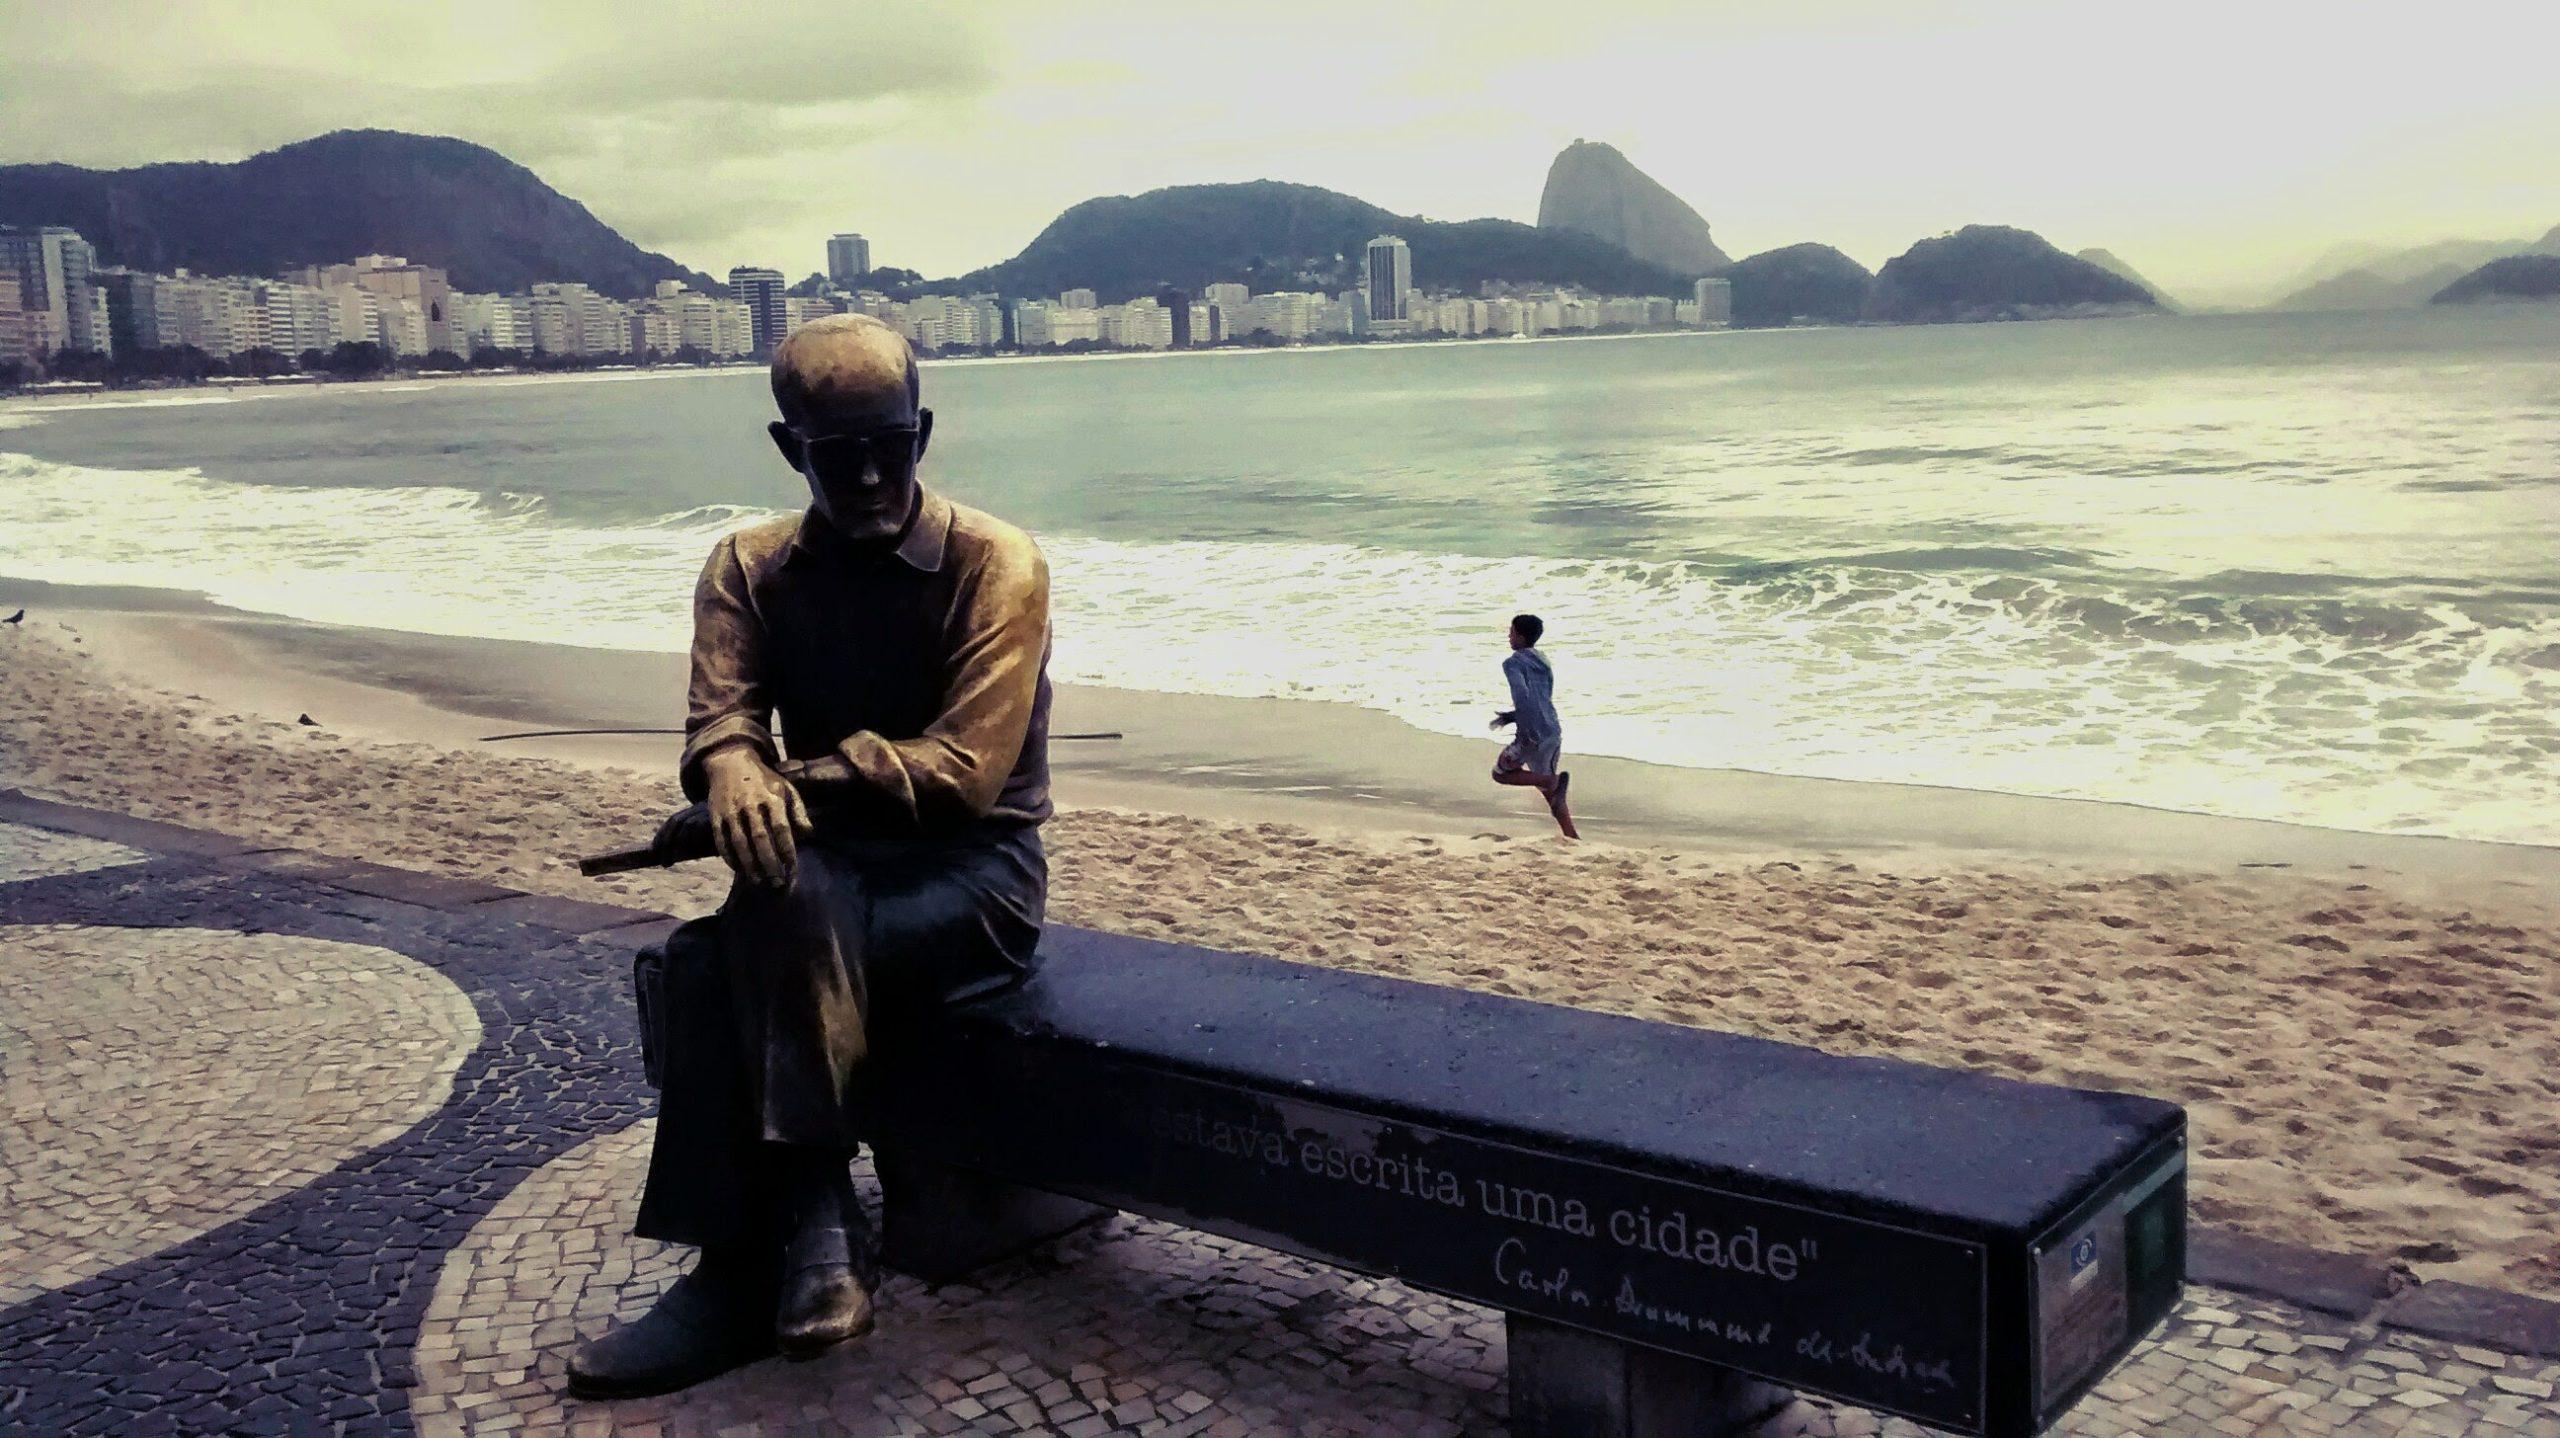 estátua carlos drummond de andrade no calçadao de Copacabana